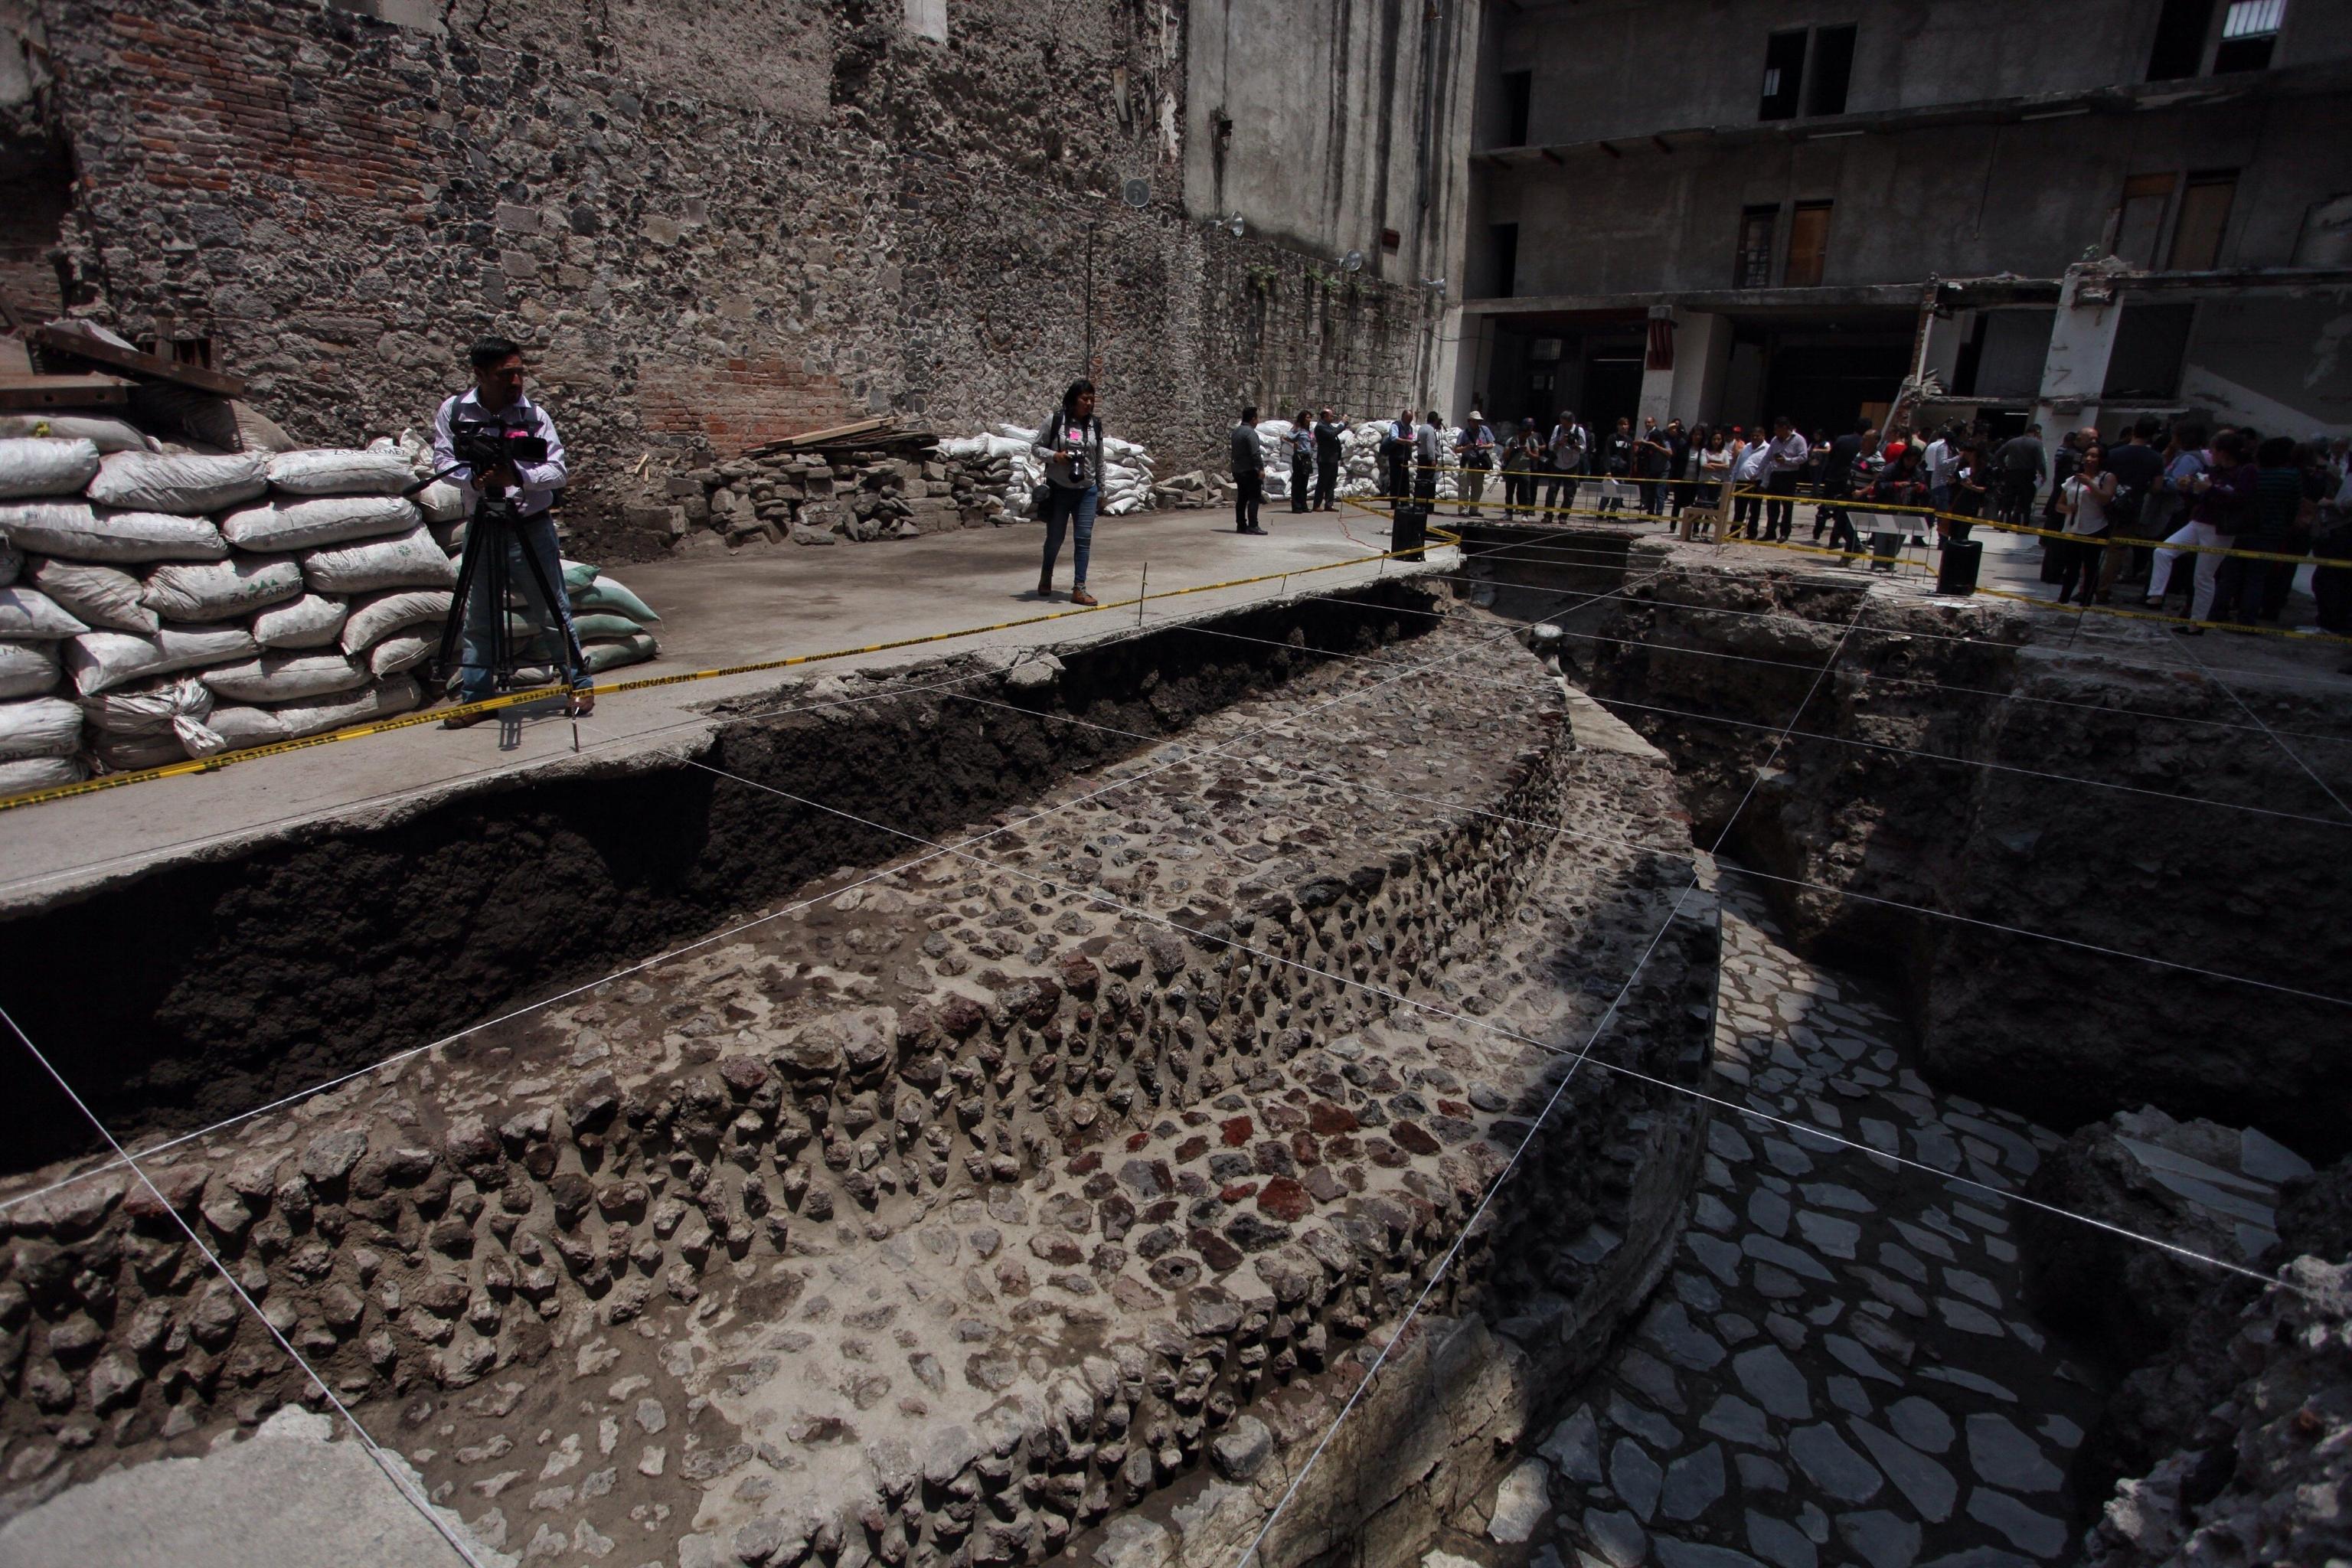 Torre di teschi umani scoperta a Città del Messico, nuove prove sui sacrifici umani degli aztechi